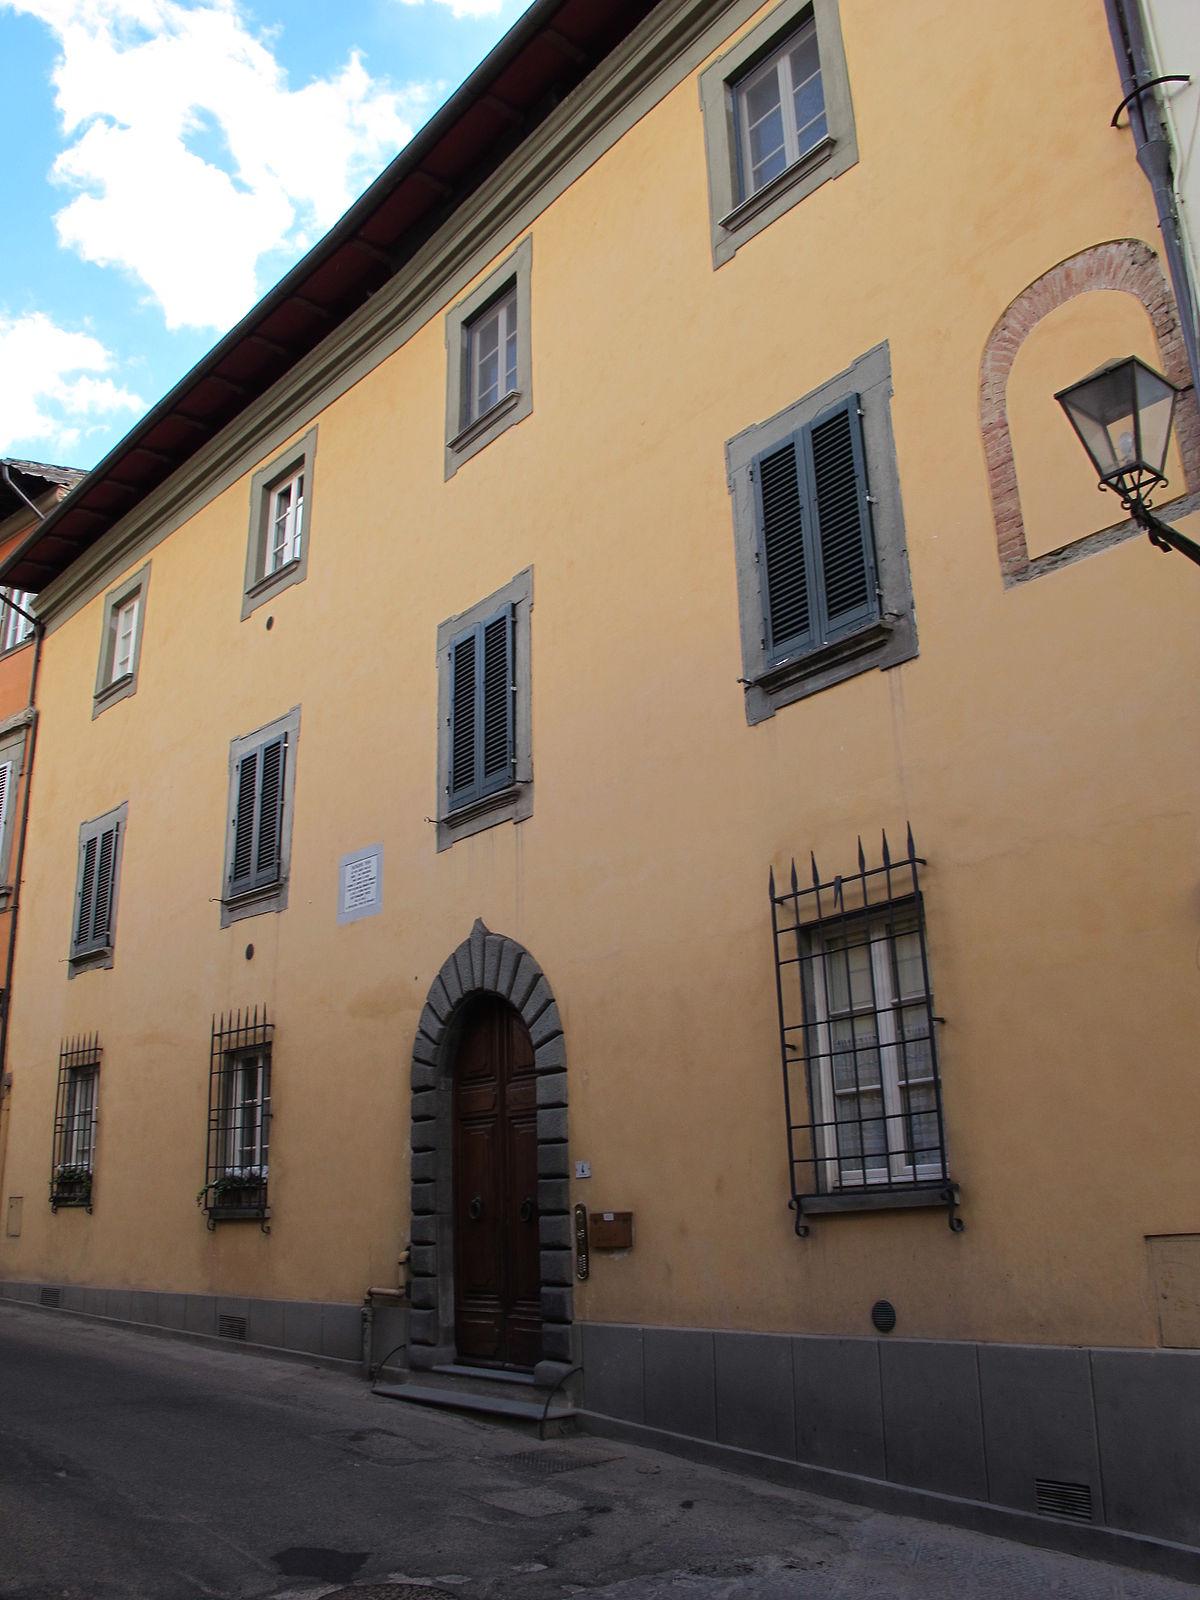 Palazzo Buonaparte  Wikipedia